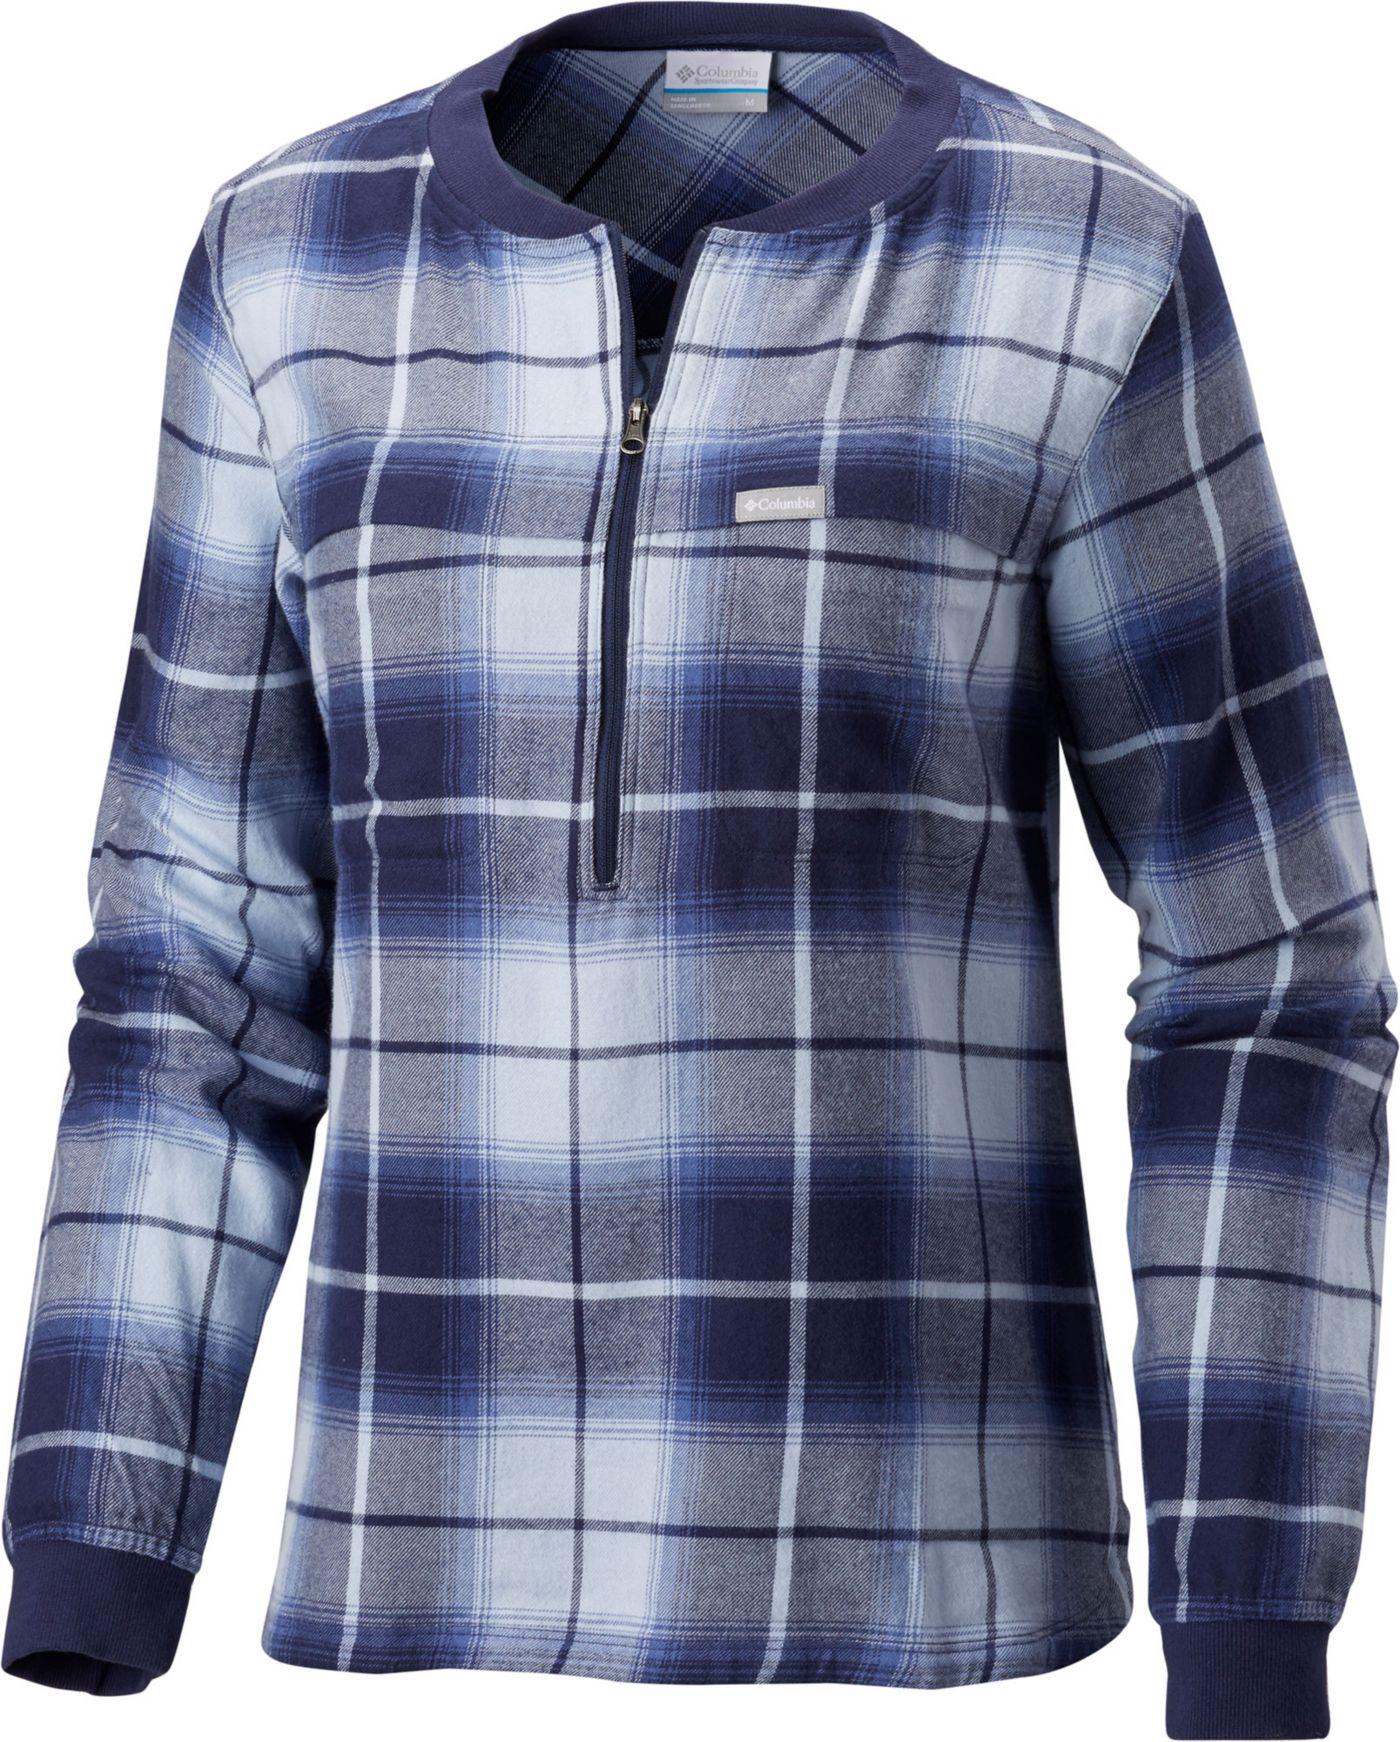 Columbia Women's Simply Put Half-Zip Pullover